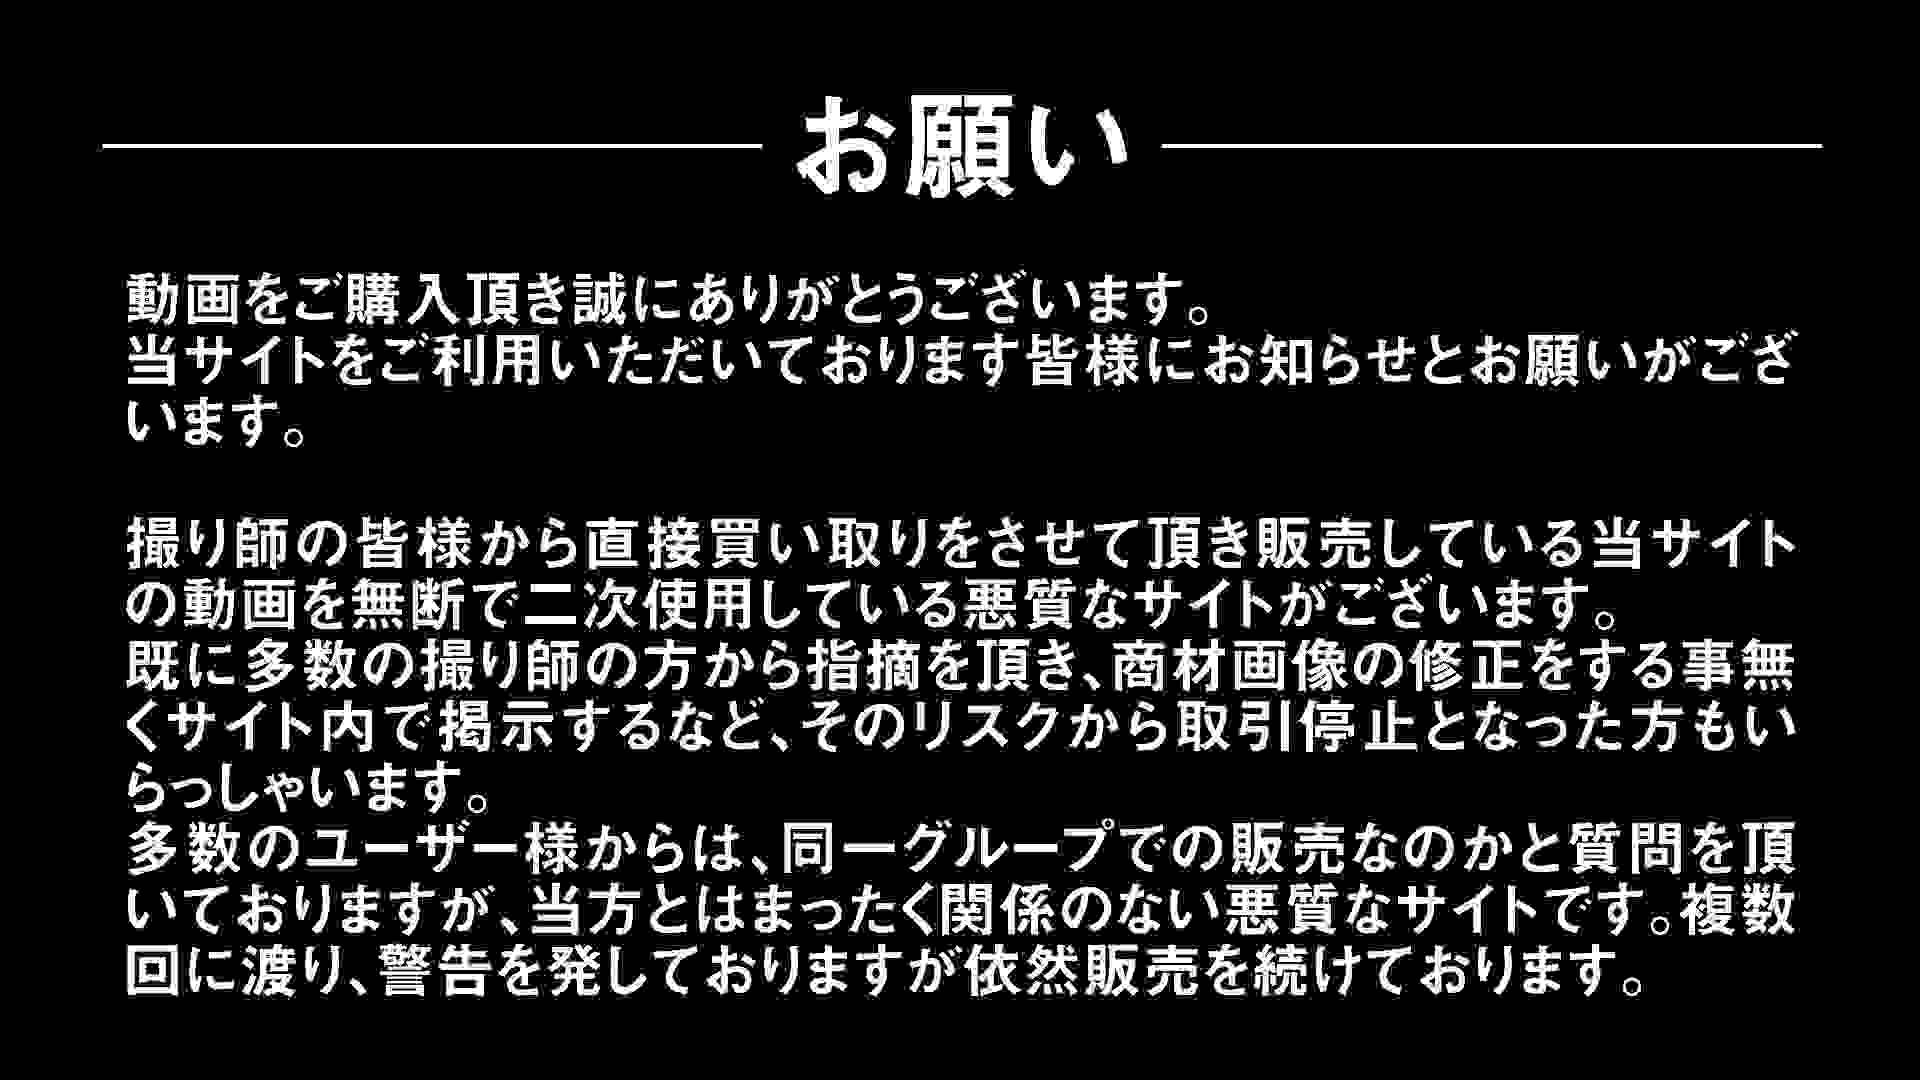 Aquaな露天風呂Vol.294 盗撮 性交動画流出 84枚 5